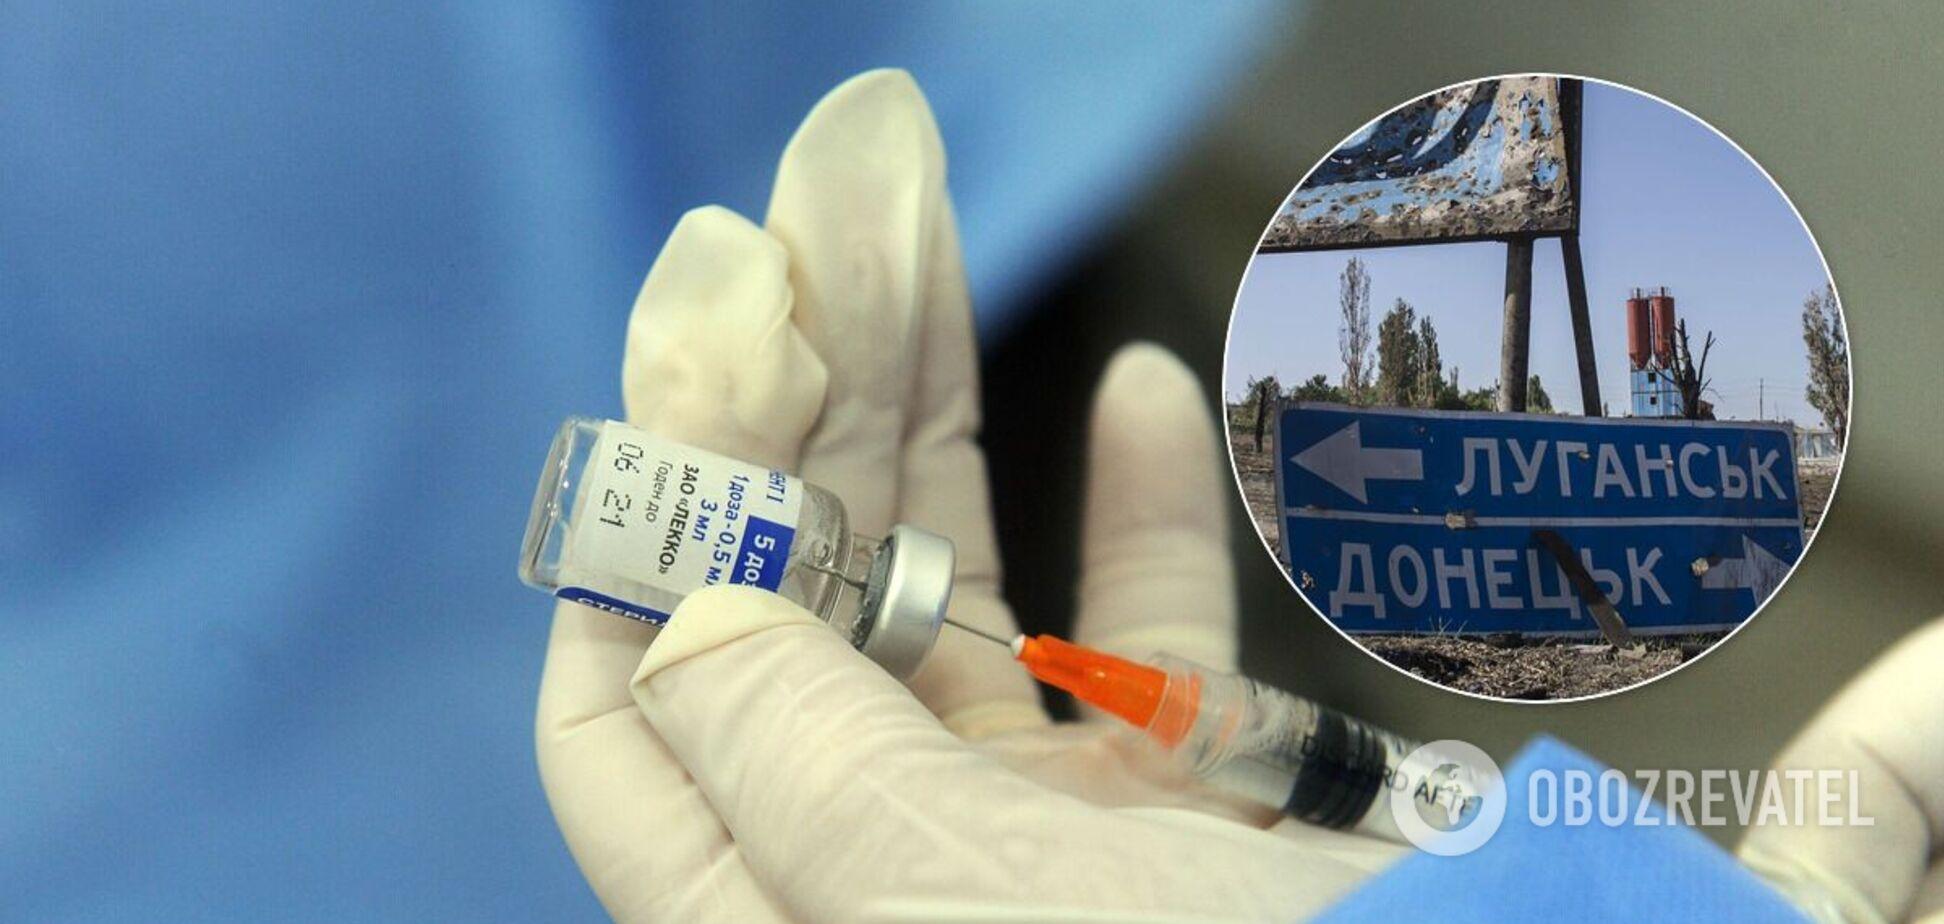 СМИ террористов утверждают, что на Донбассе началась вакцинация от коронавируса российской вакциной 'Спутник V